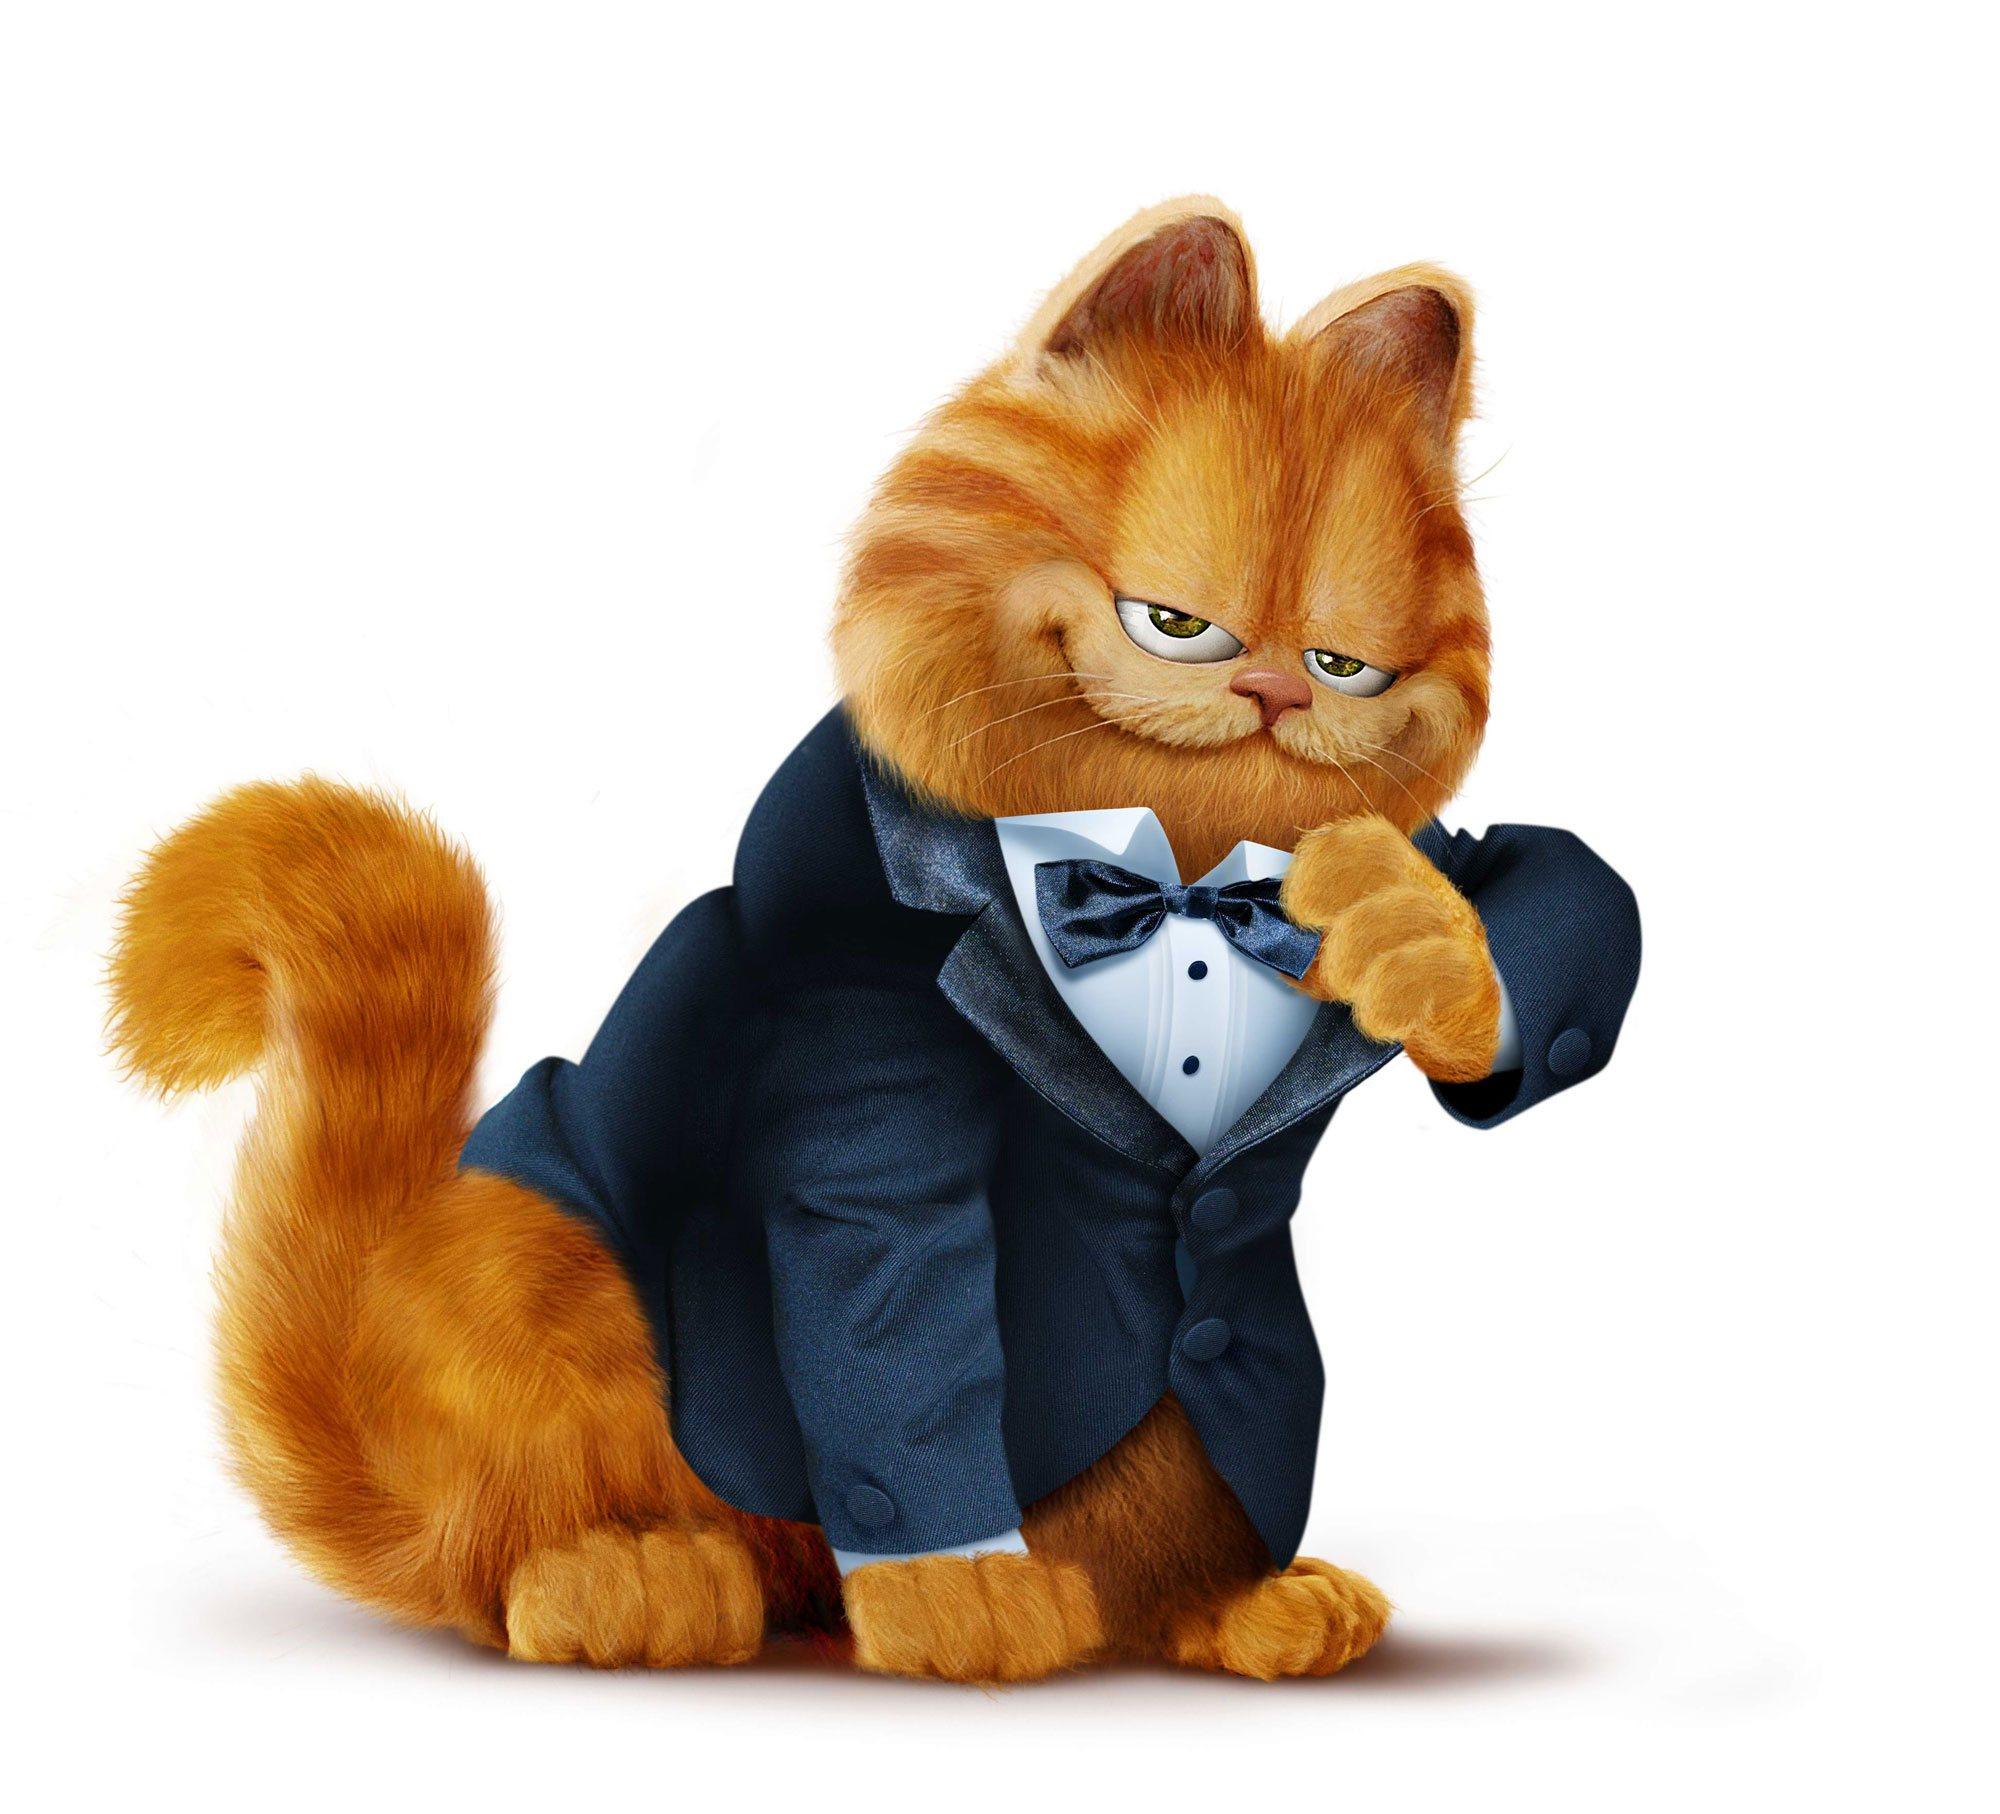 加菲猫动画片图片高清_加菲猫动画片图片 - 电影天堂